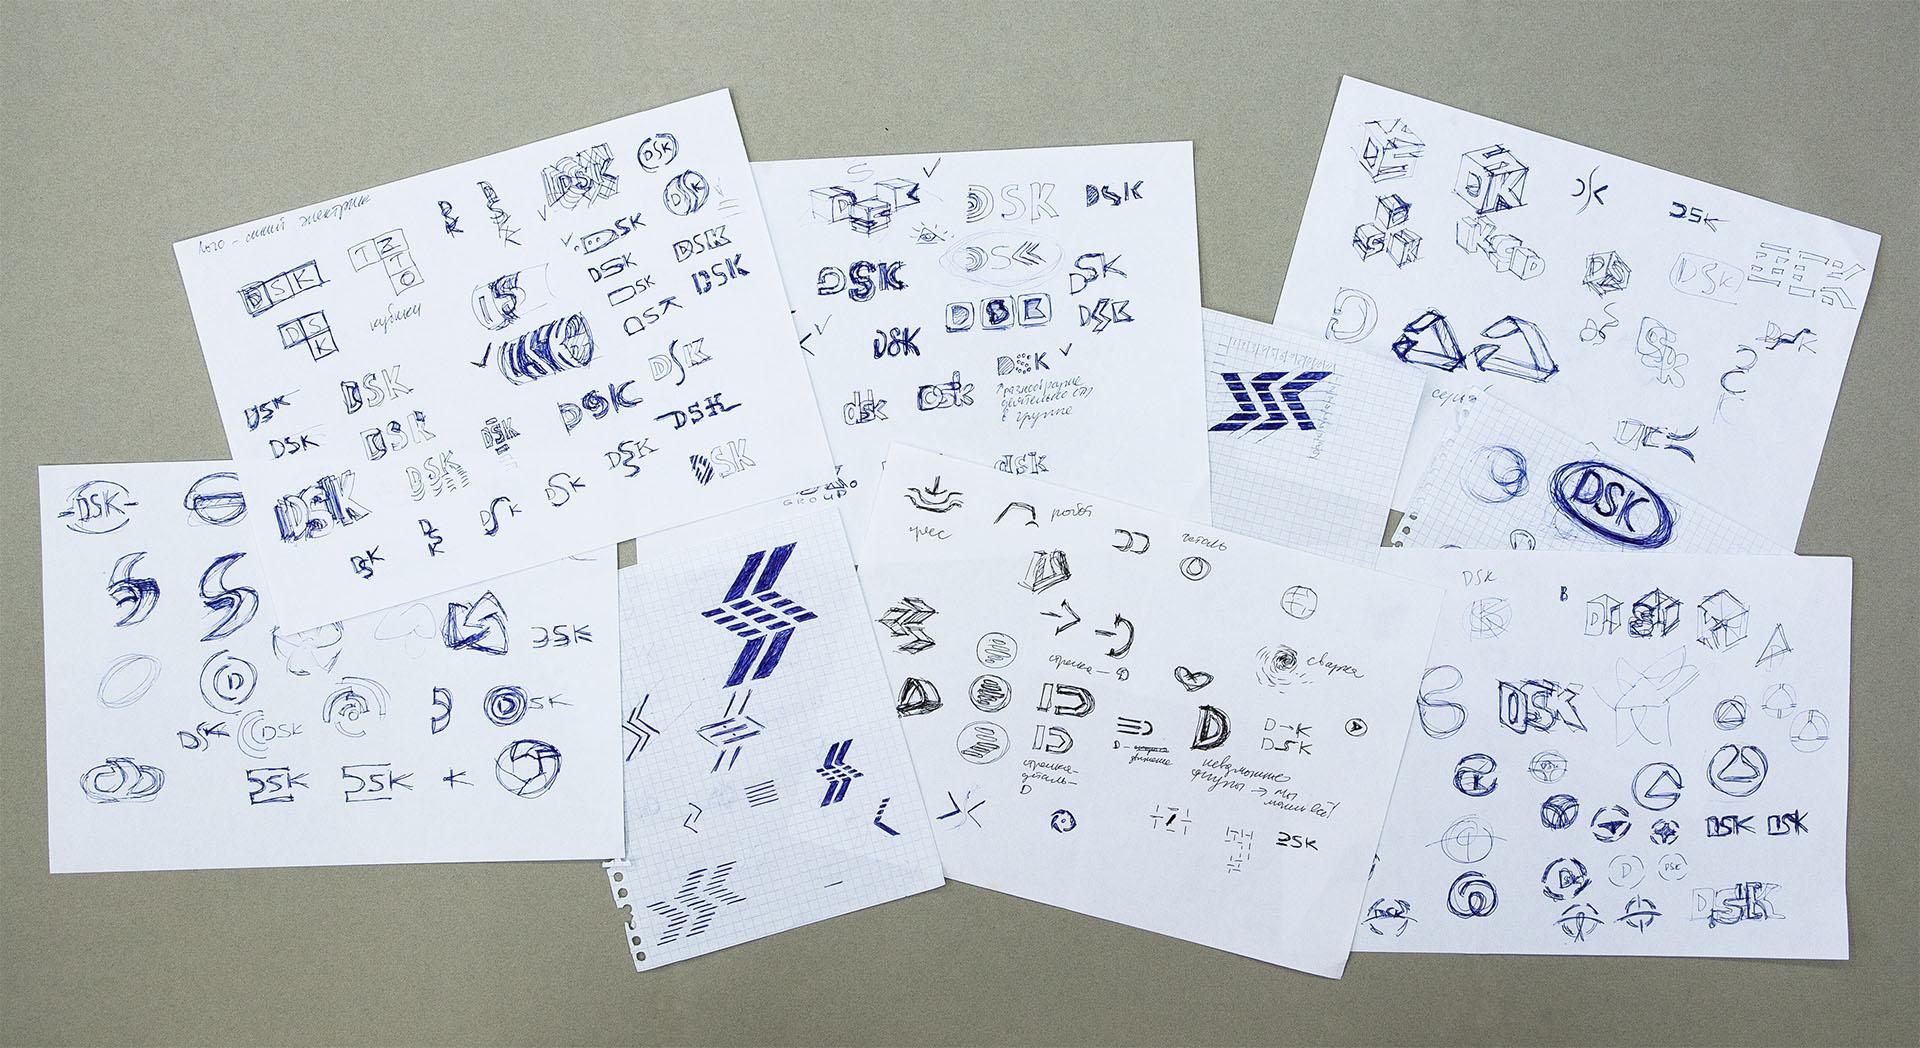 О разработке дизайна на примере создания логотипа для «ДСК-групп».